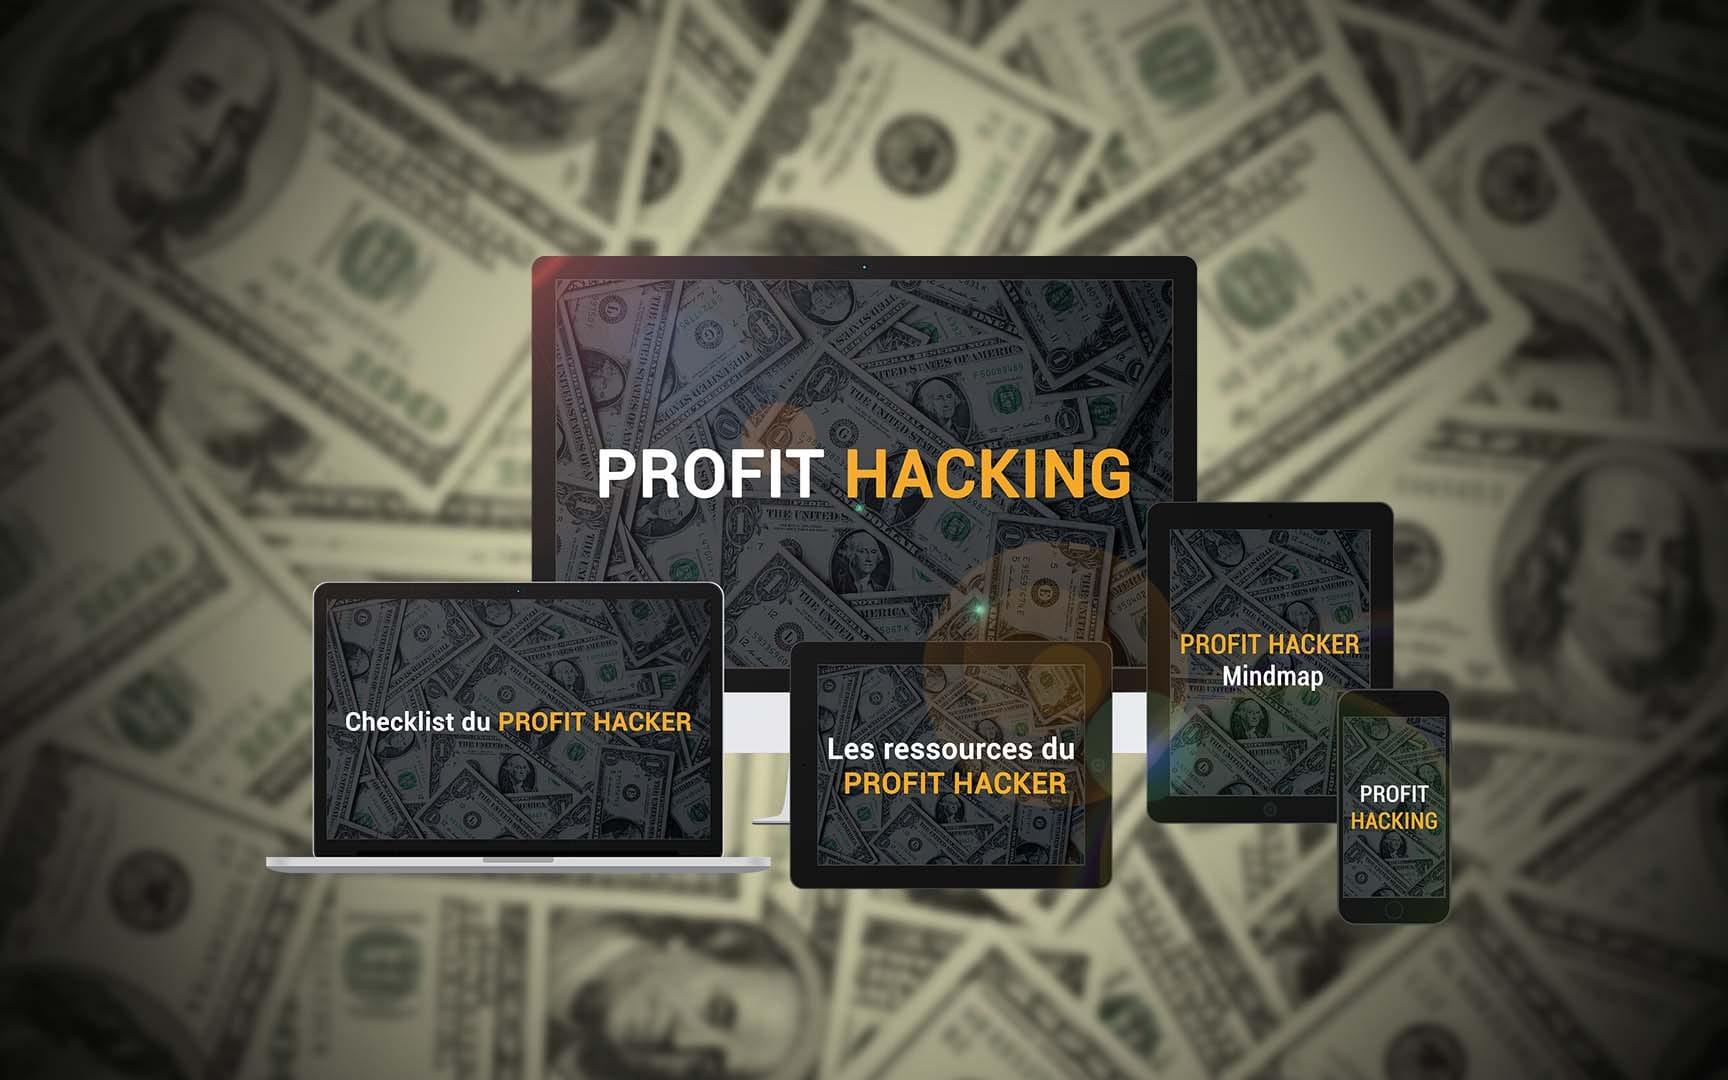 ⭐ [BEST SELLER] - Profit Hacking ⭐